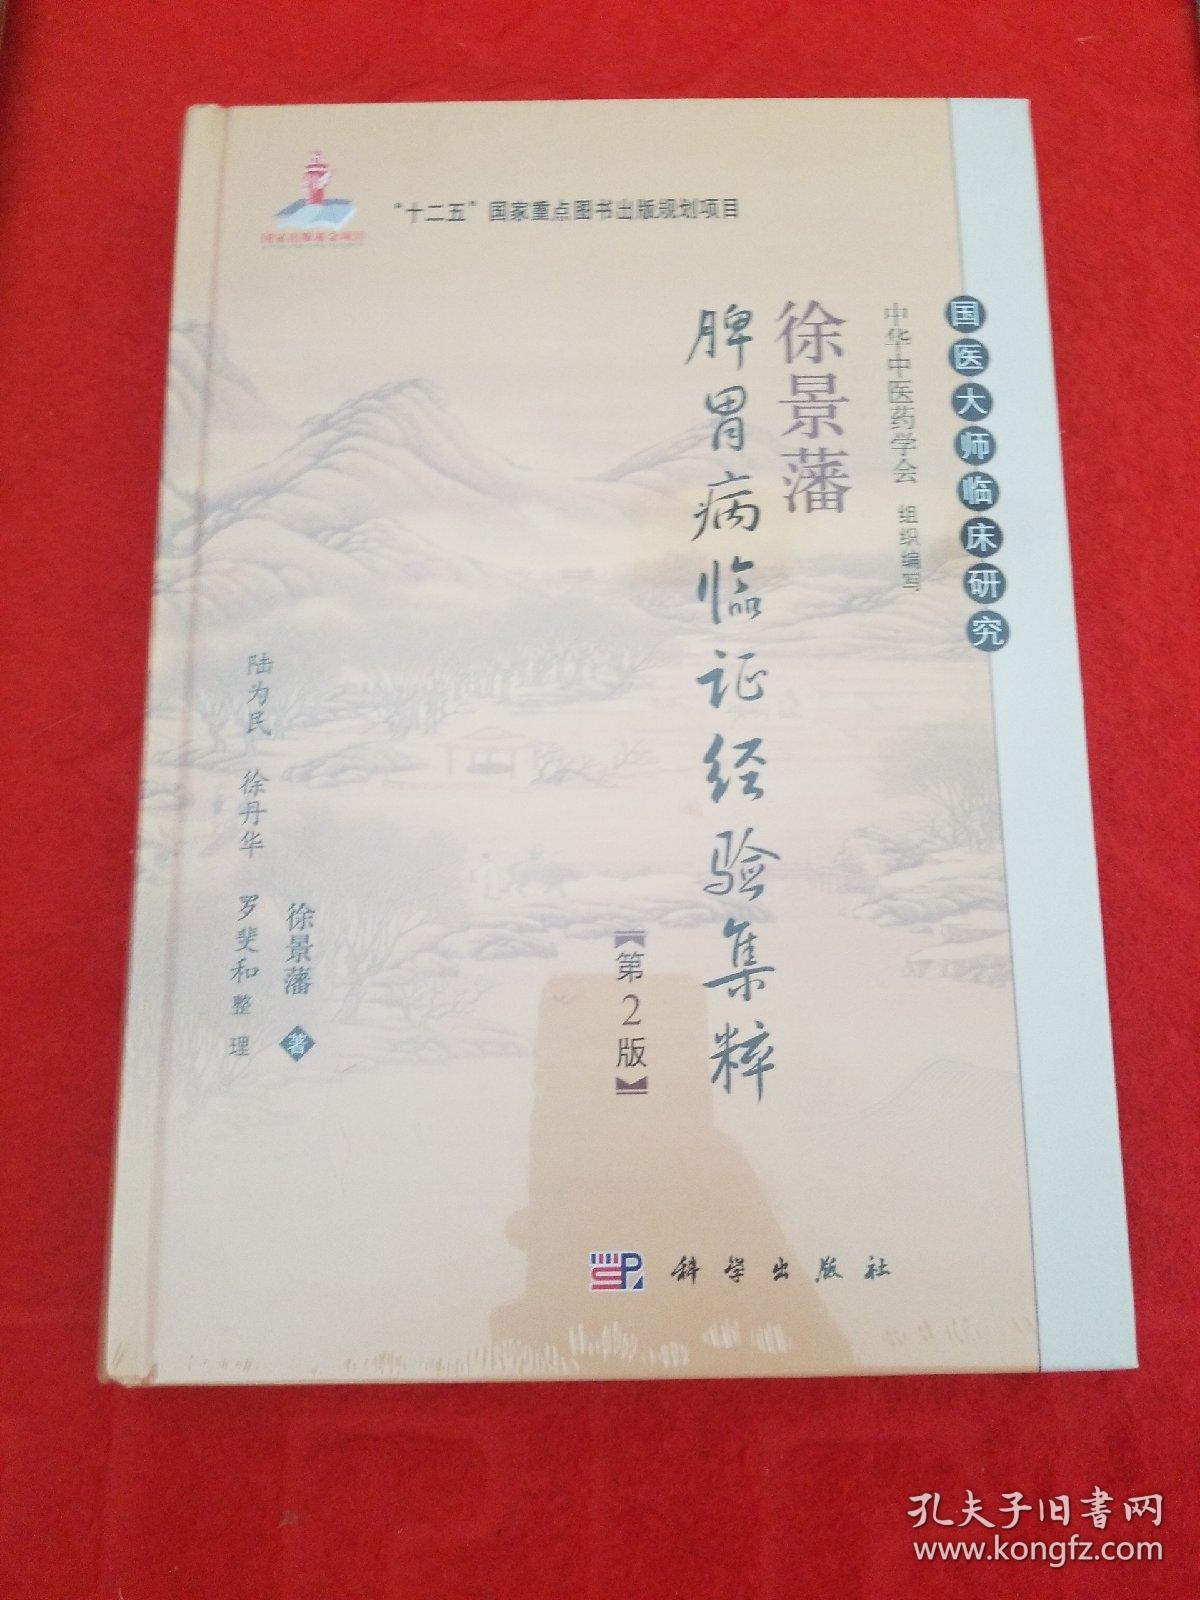 徐景藩脾胃病临证经验集粹(第2版)